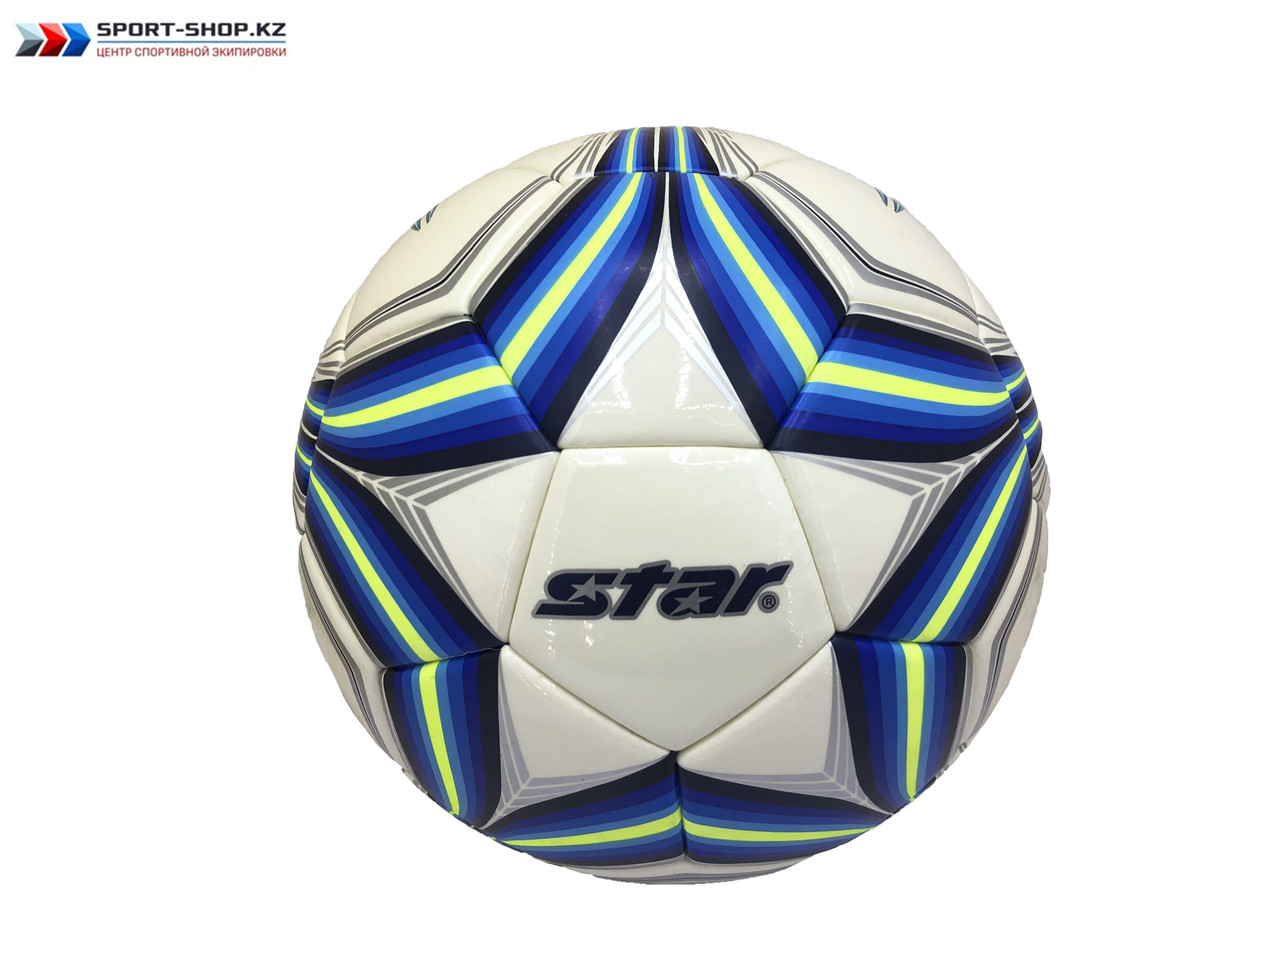 Футзальный мяч Star NEW Professional 2000 original